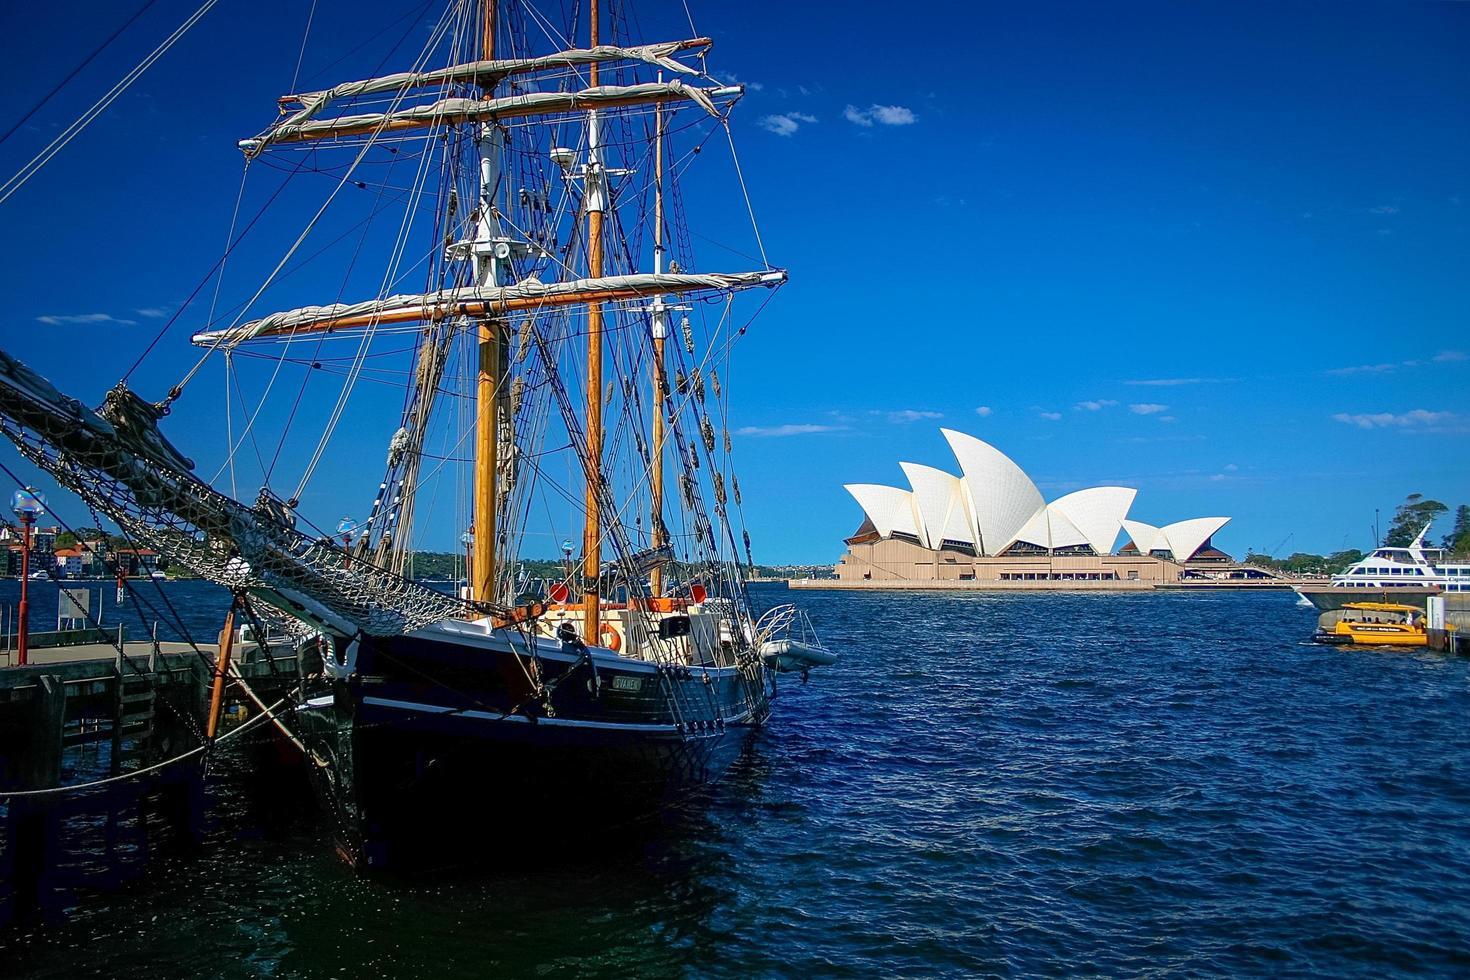 Sydney, Australië, 2020 - zeilboot nabij het Sydney Opera House foto